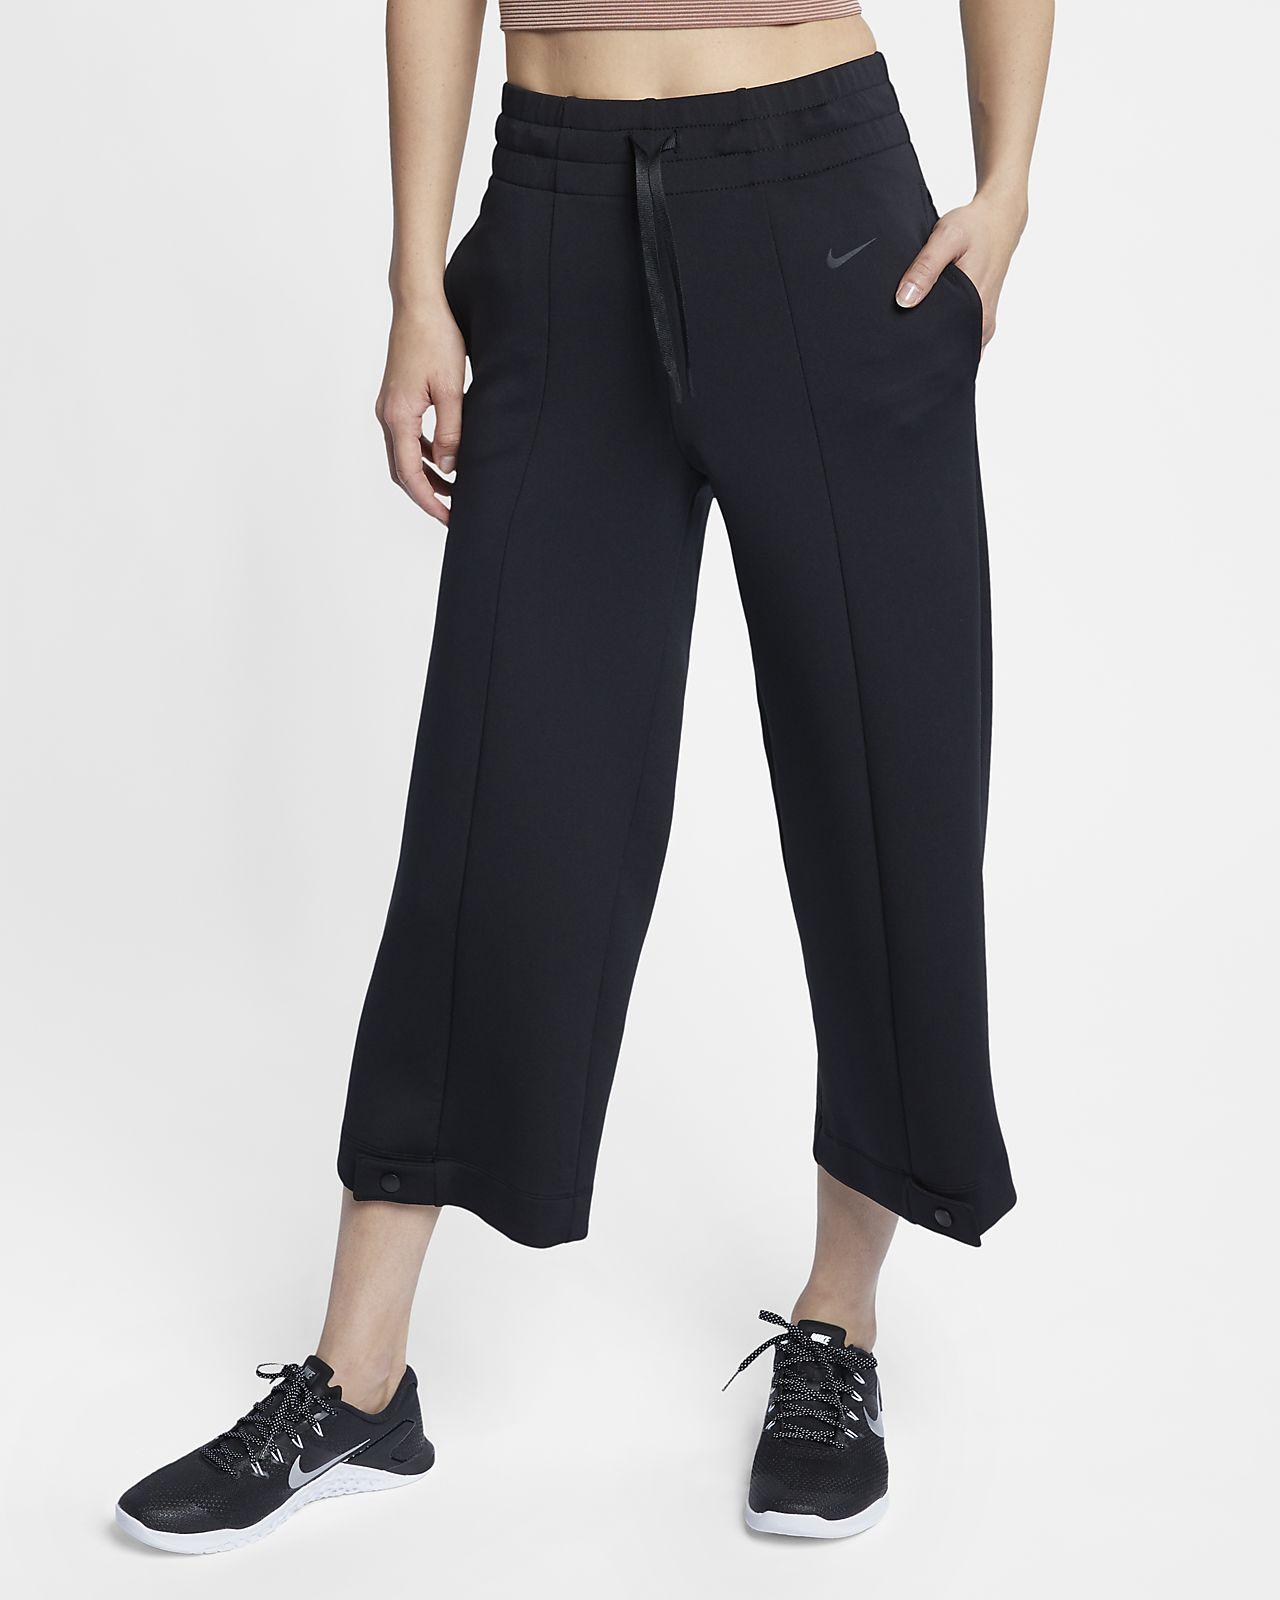 Pantalones de entrenamiento para mujer Nike Dri-FIT